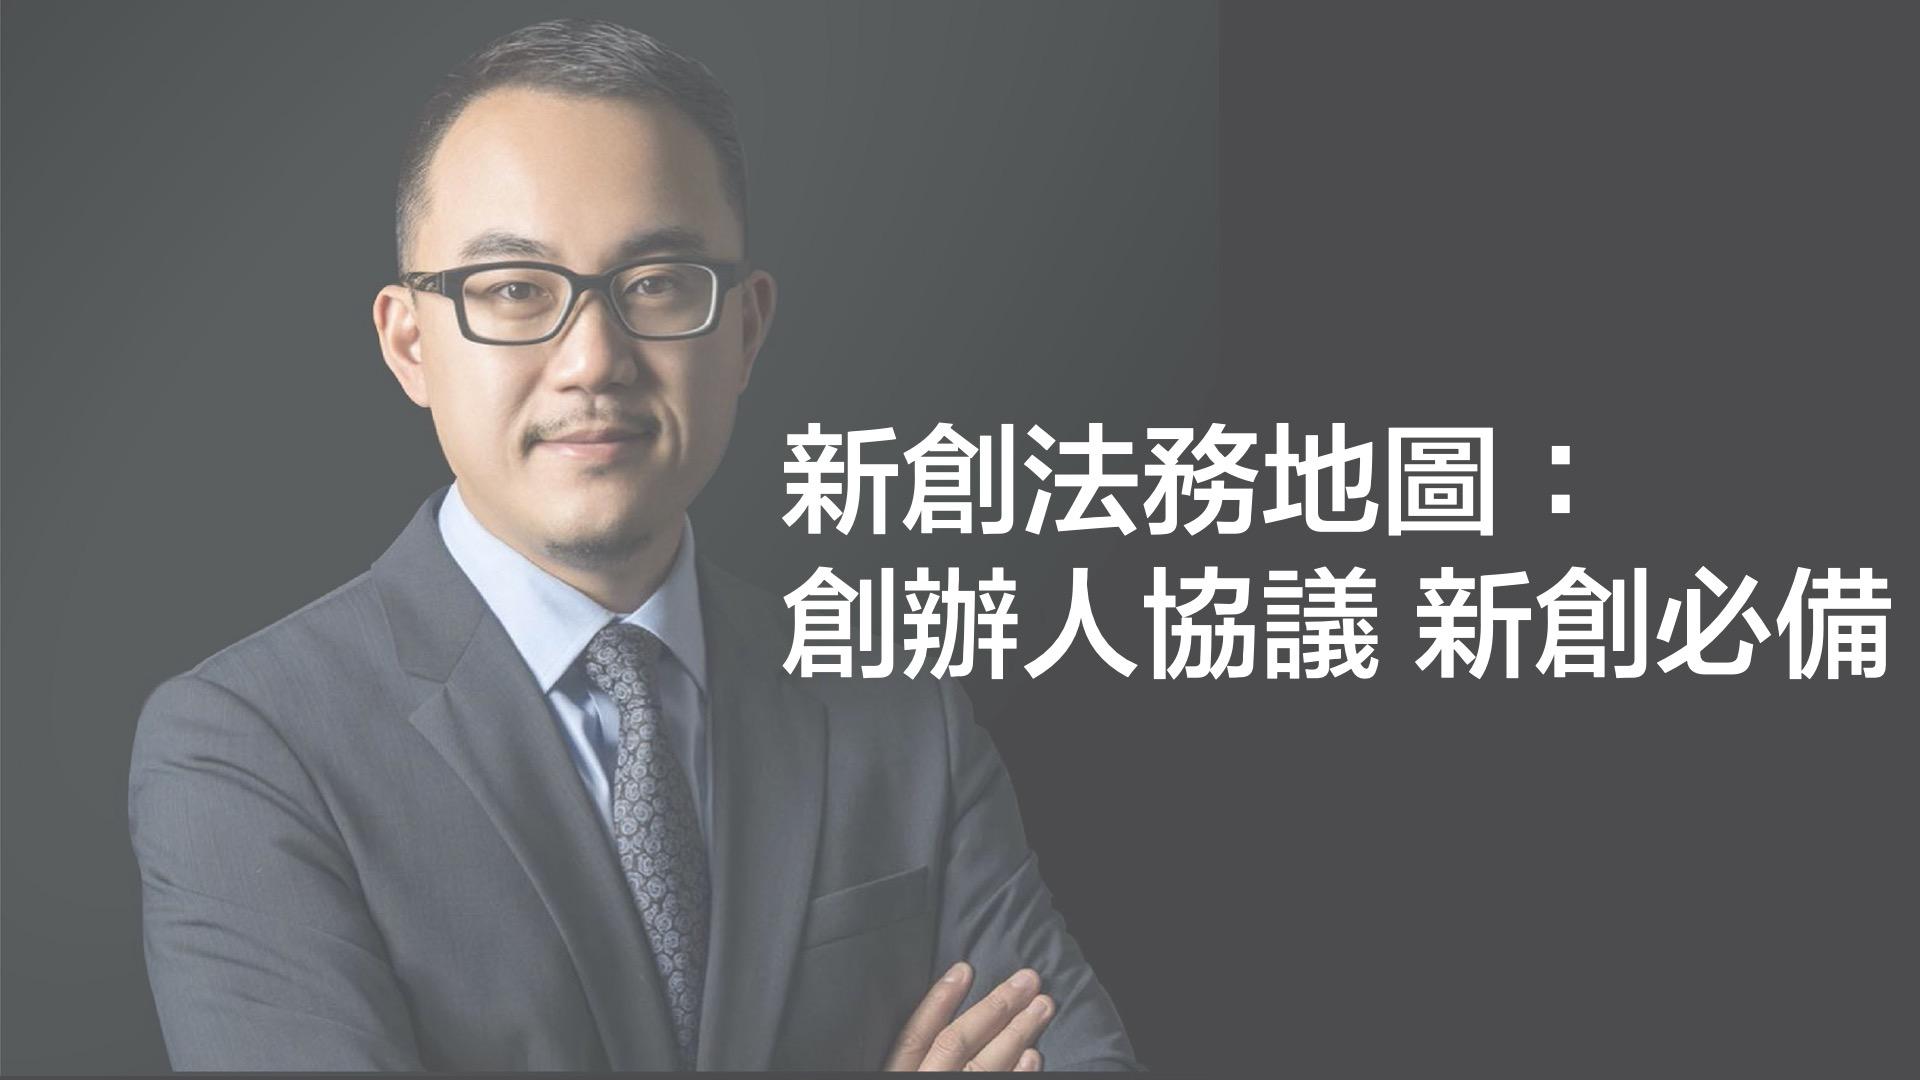 黃沛聲-新創法務地圖-創辦人協議